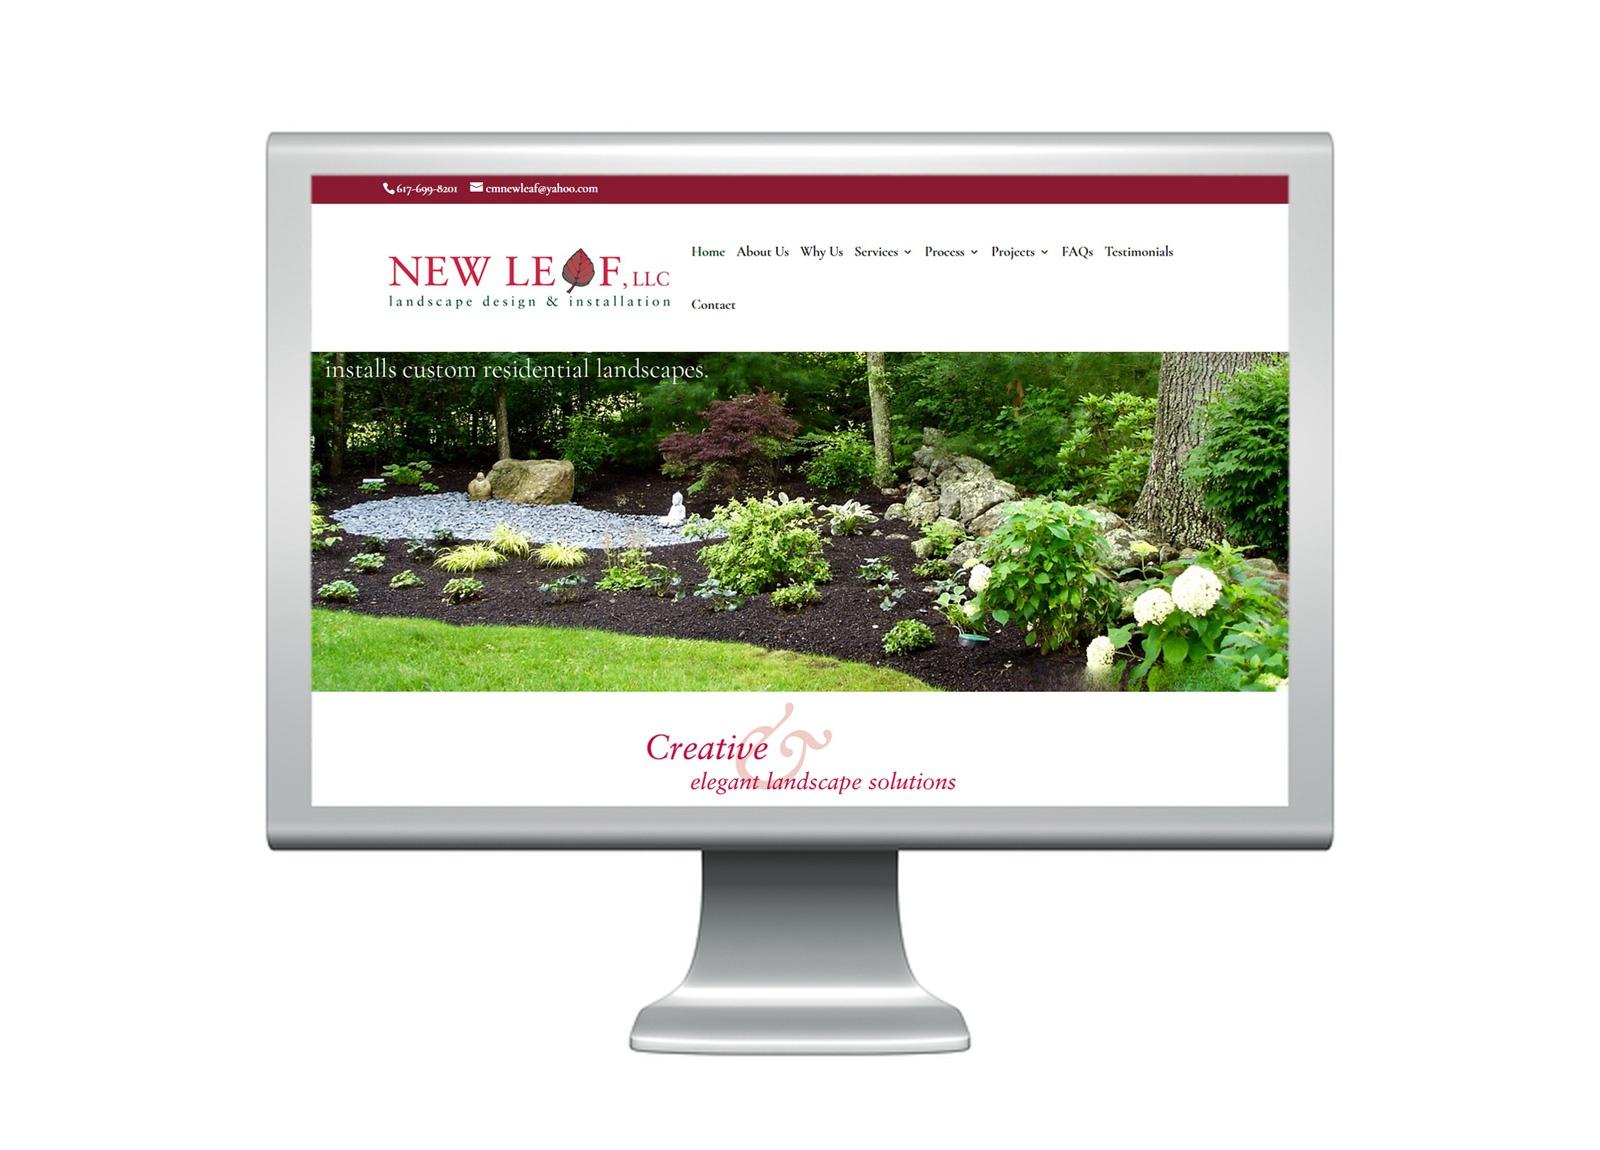 New Leaf Landscape Design